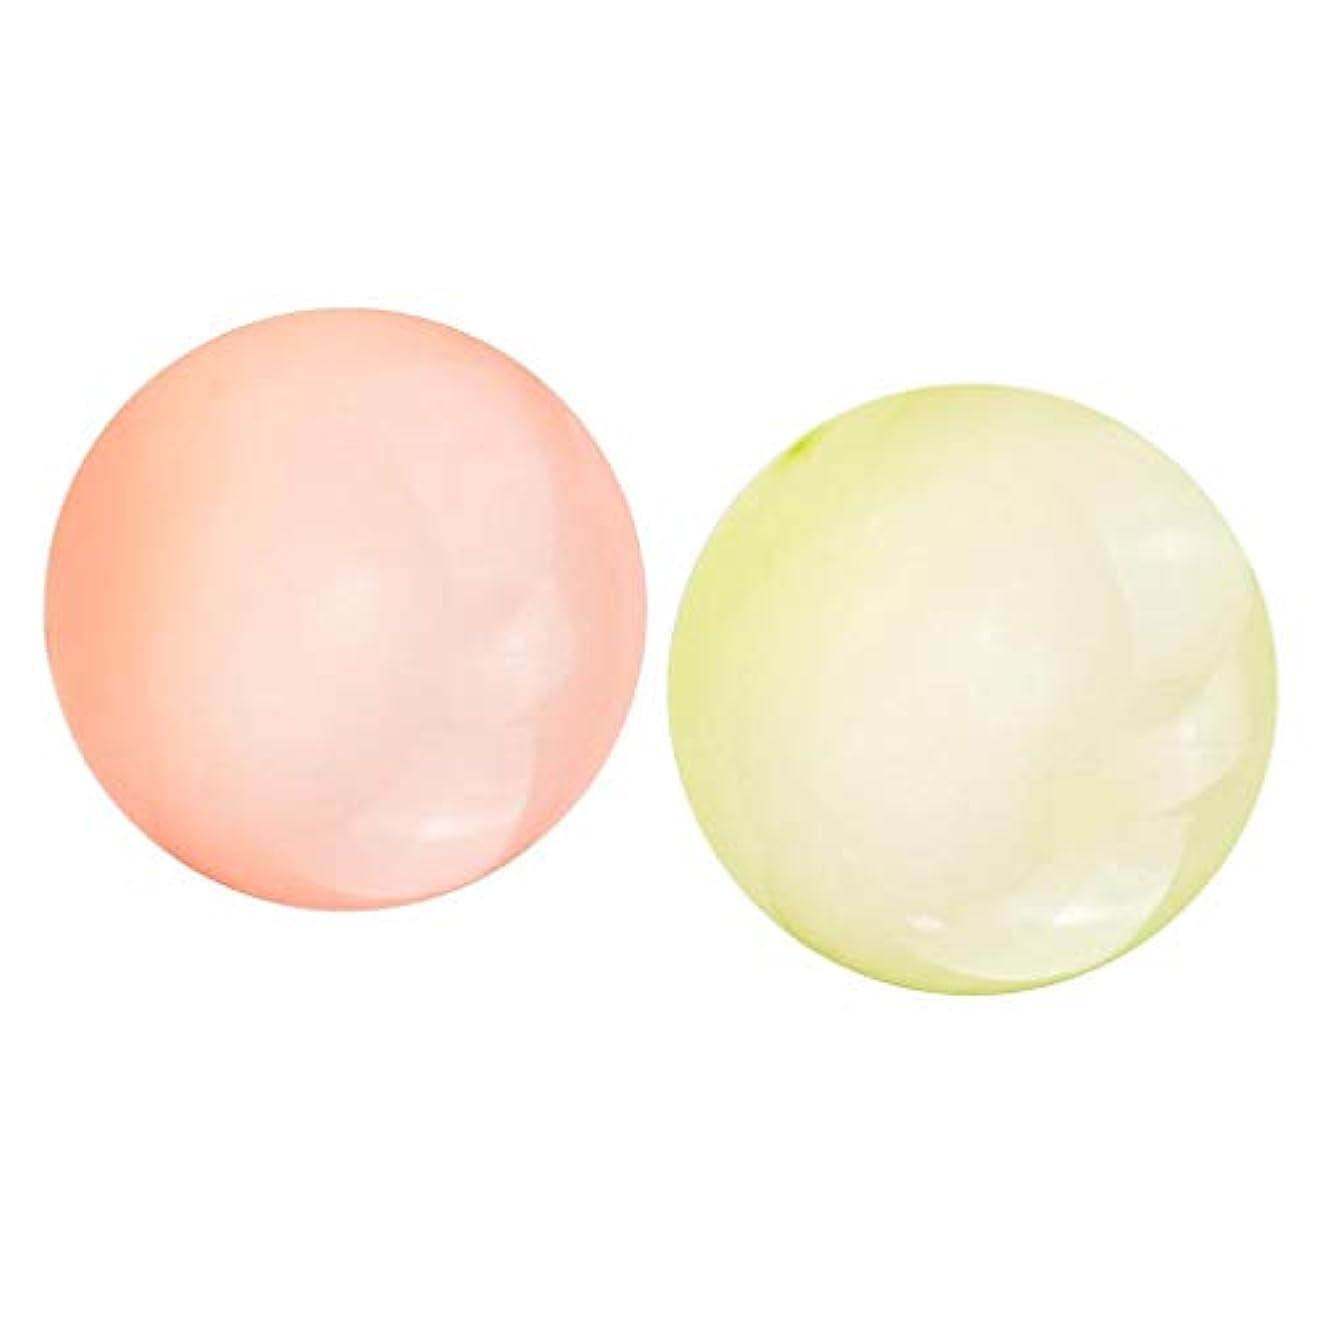 拒否尋ねる価格Perfeclan ビーチボール バブルボール 高弾性 TPR 透明 子供 大人 夏の定番 芝生 バルーン イエロー+オレンジL